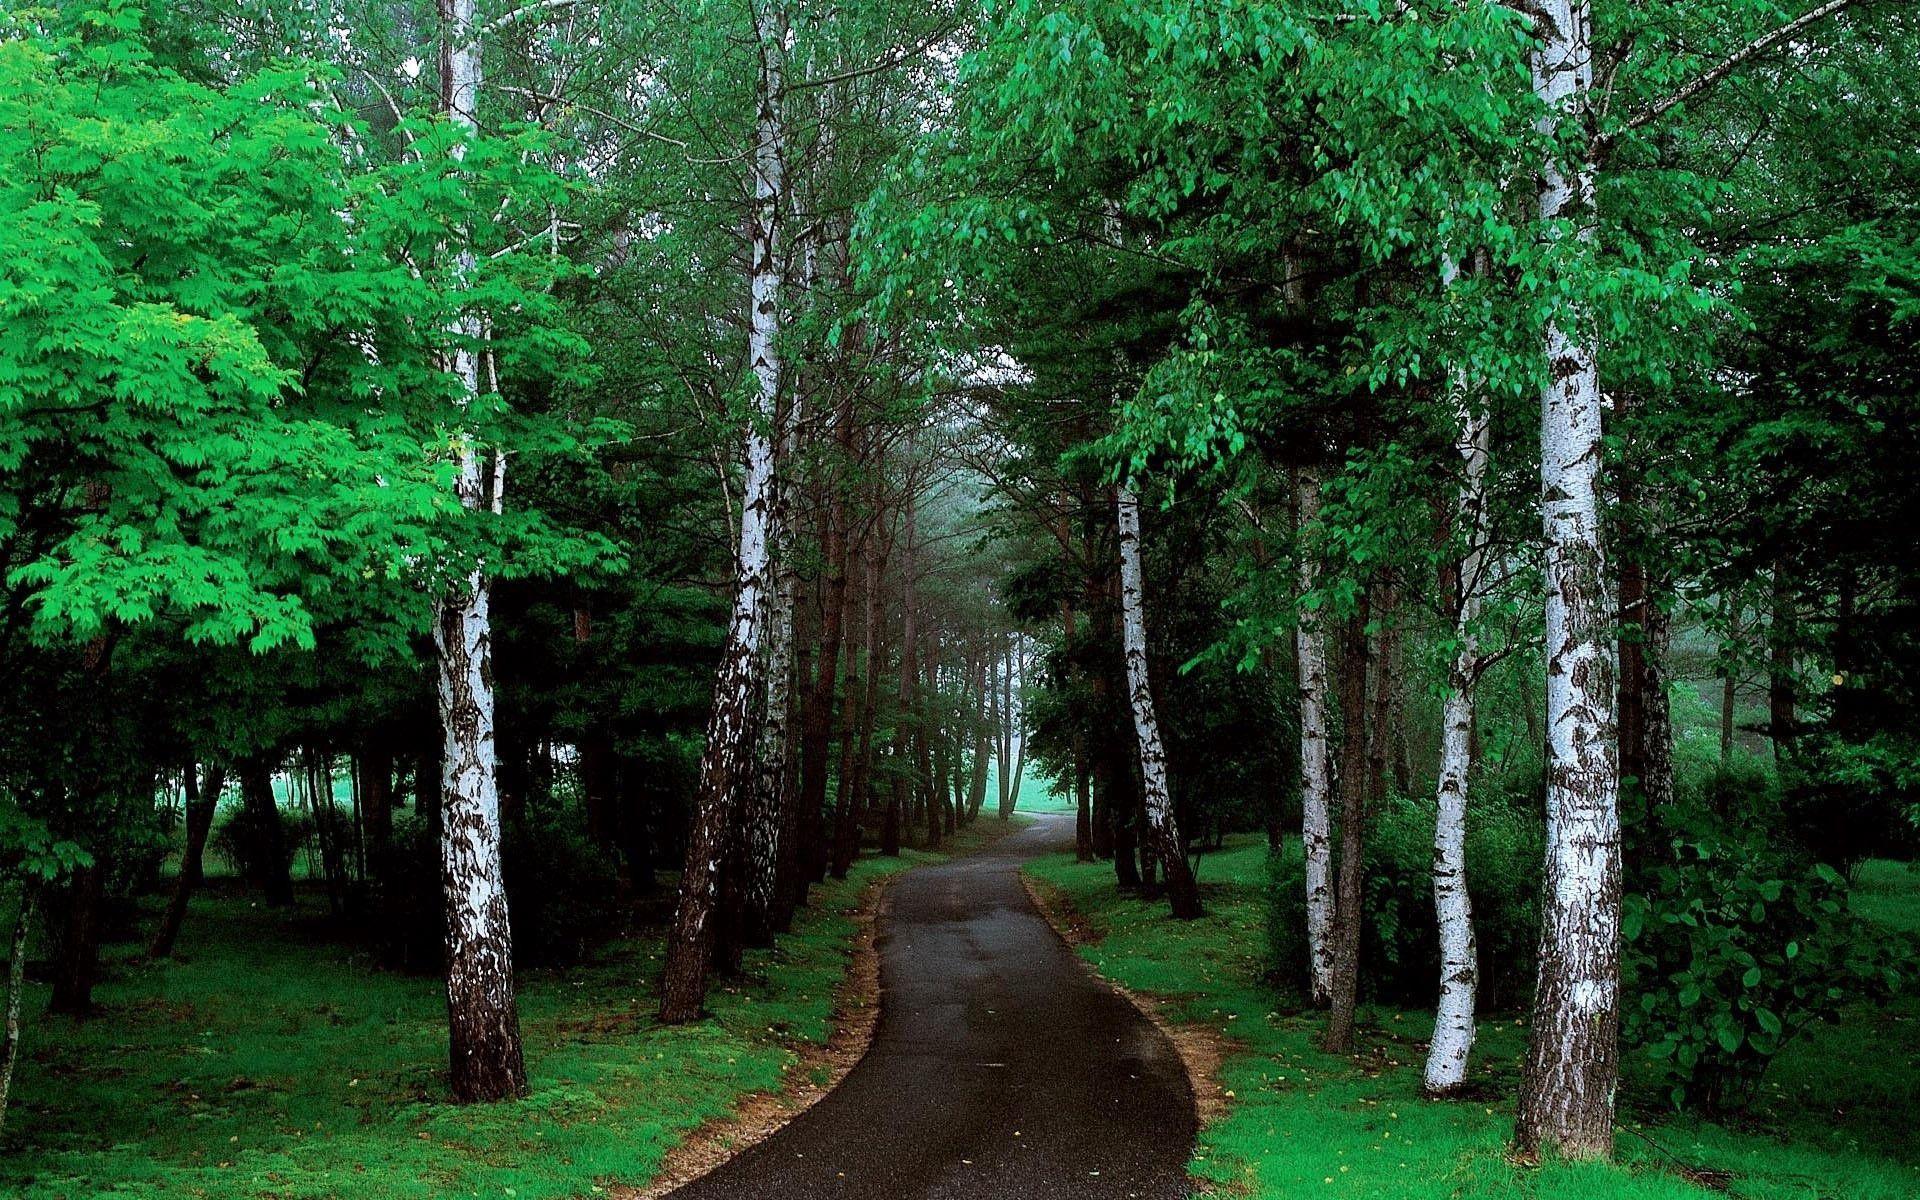 157262 fond d'écran 720x1280 sur votre téléphone gratuitement, téléchargez des images Nature, Arbres, Herbe, Route, Chemin 720x1280 sur votre mobile